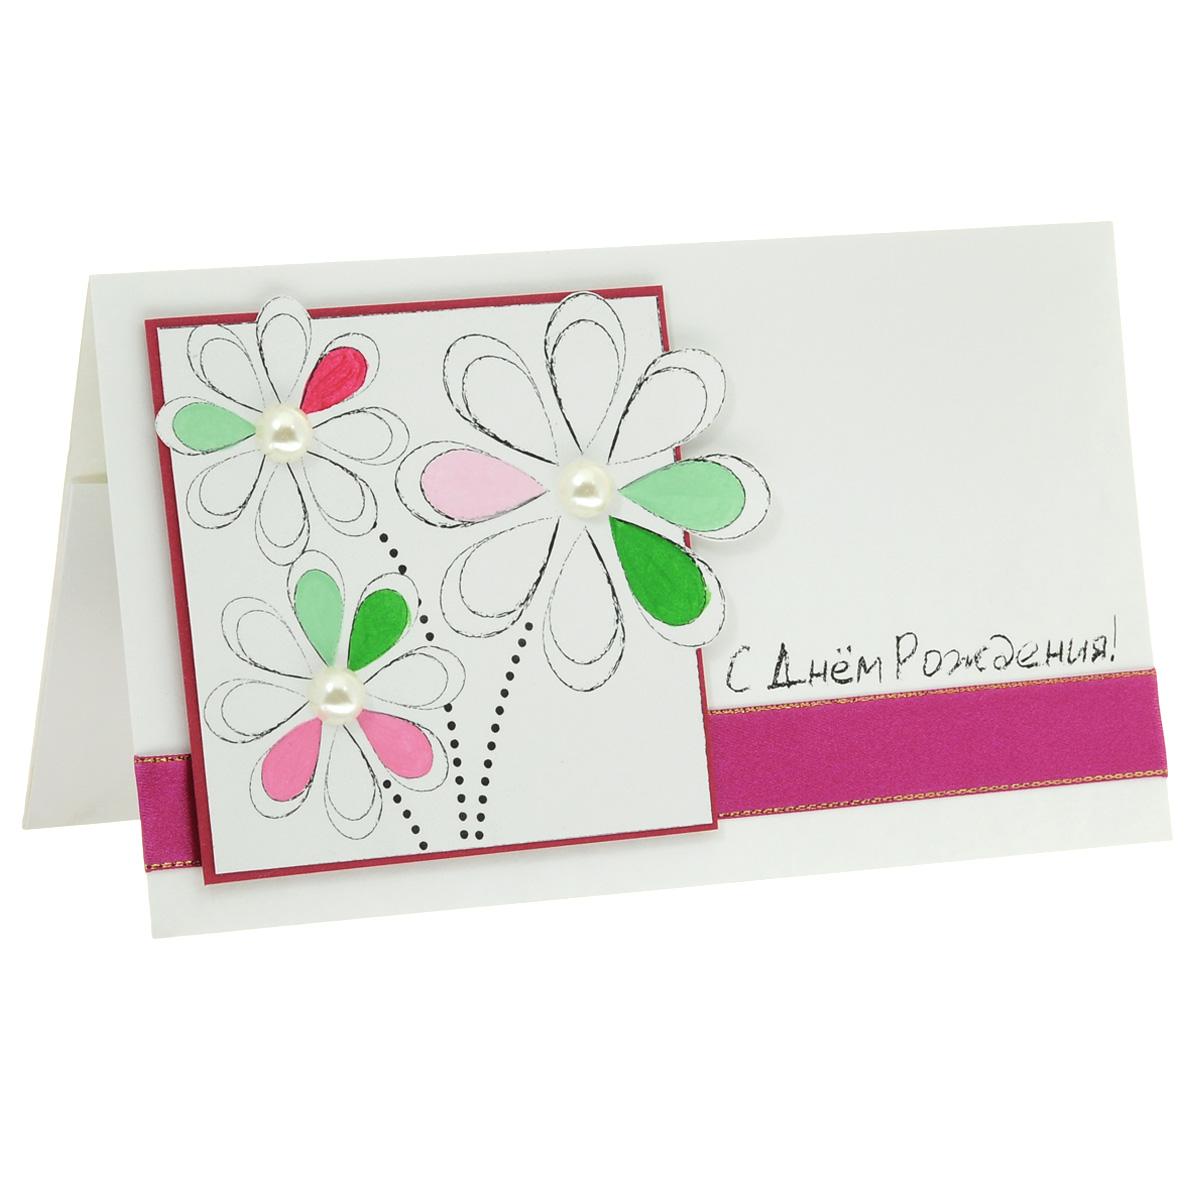 ОЖ-0011 Открытка-конверт «С Днём Рождения!» (рукописные цветы). Студия «Тётя Роза»Винтажные открытки №97Характеристики: Размер 19 см x 11 см. Материал: Высоко-художественный картон, бумага, декор. Данная открытка может стать как прекрасным дополнением к вашему подарку, так и самостоятельным подарком. Так как открытка является и конвертом, в который вы можете вложить ваш денежный подарок или просто написать ваши пожелания на вкладыше. Лаконичная открытка подкупает своей чистотой. Цветочки в рамке разукрашены вручную и декорированы жемчужными полубусинками. Открытка оформлена сиреневой атласной лентой с золотым кантом. Надпись будто начерчена графитным мелком. Также открытка упакована в пакетик для сохранности. Обращаем Ваше внимание на то, что открытка может незначительно отличаться от представленной на фото.